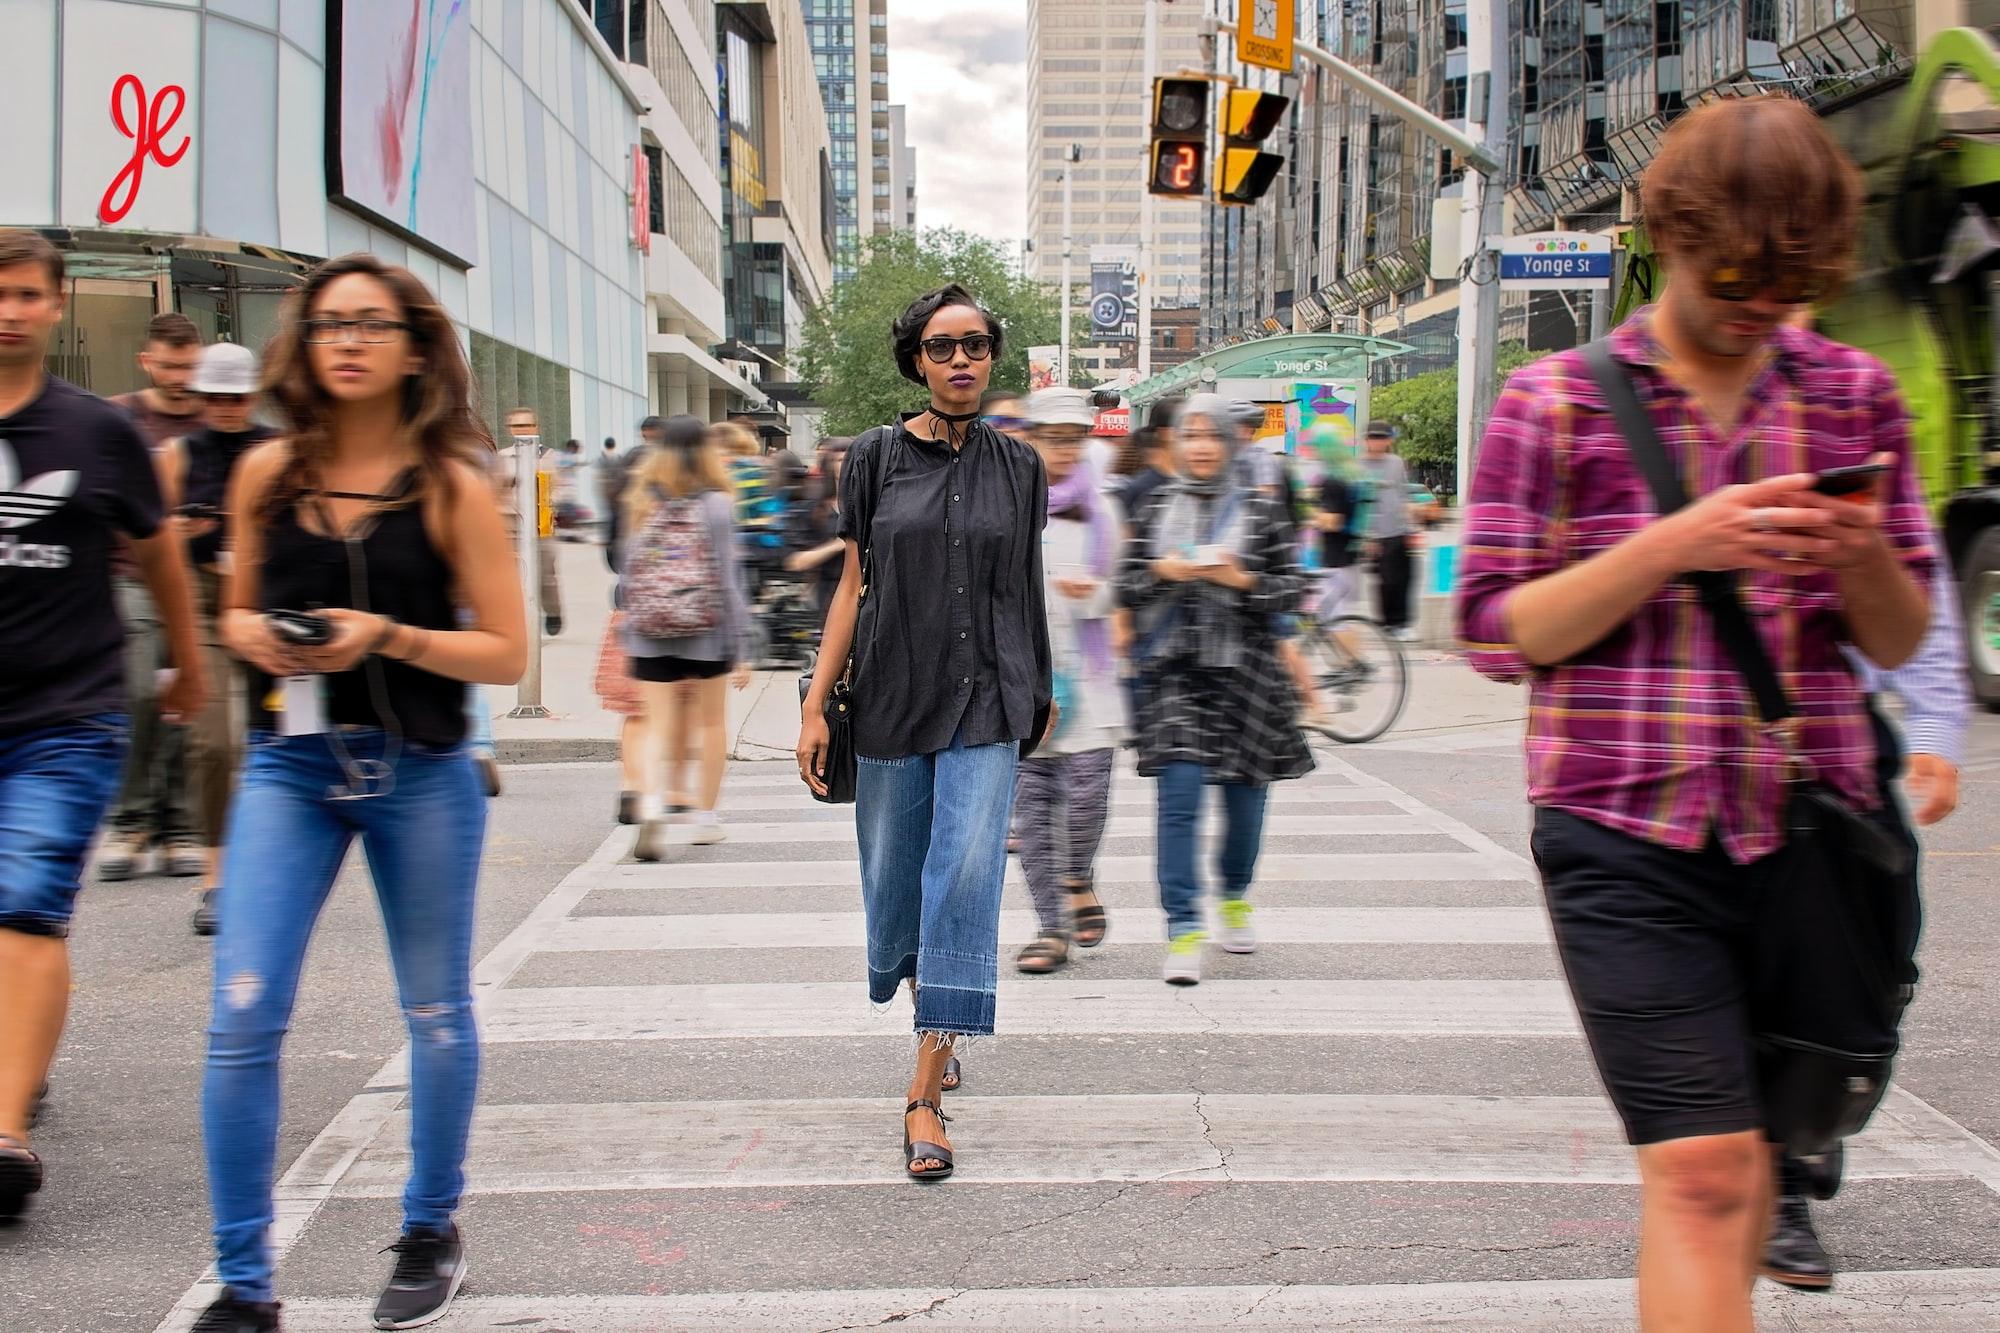 Уличная фотография - мода